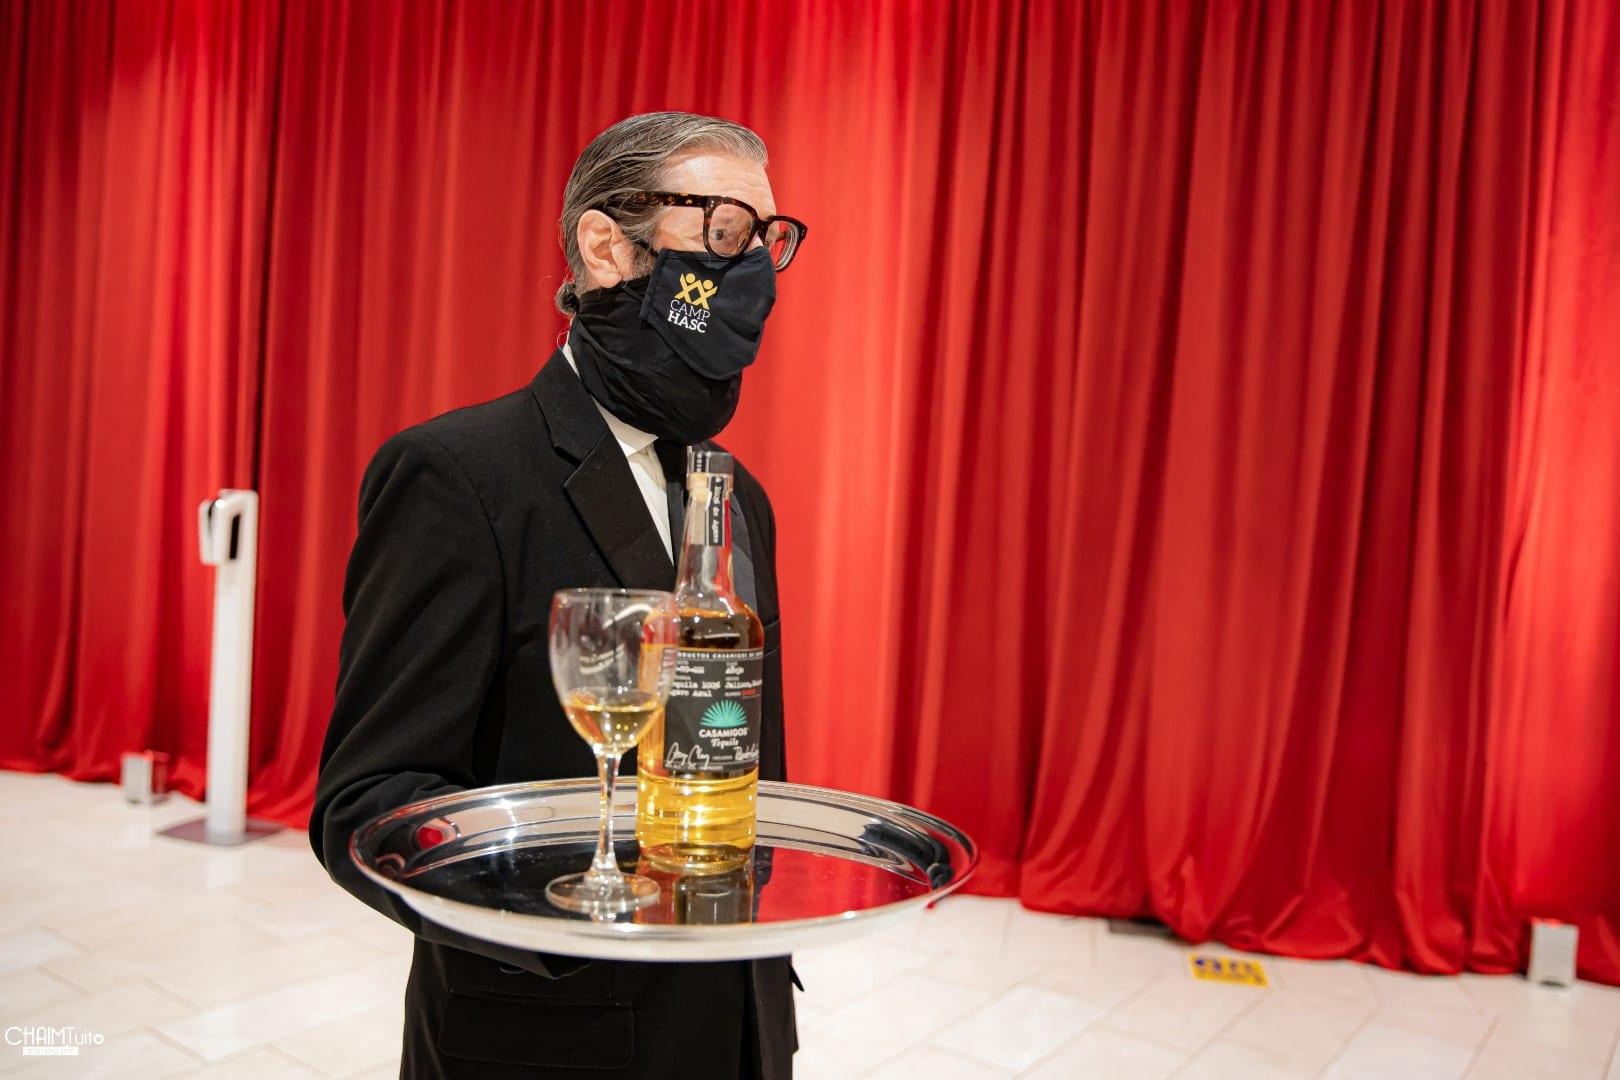 טויטו תיעד: פריד ושוואקי על במת 'האסק' היוקרתי במתכונת קורונה נוצצת - צפו בגלריה